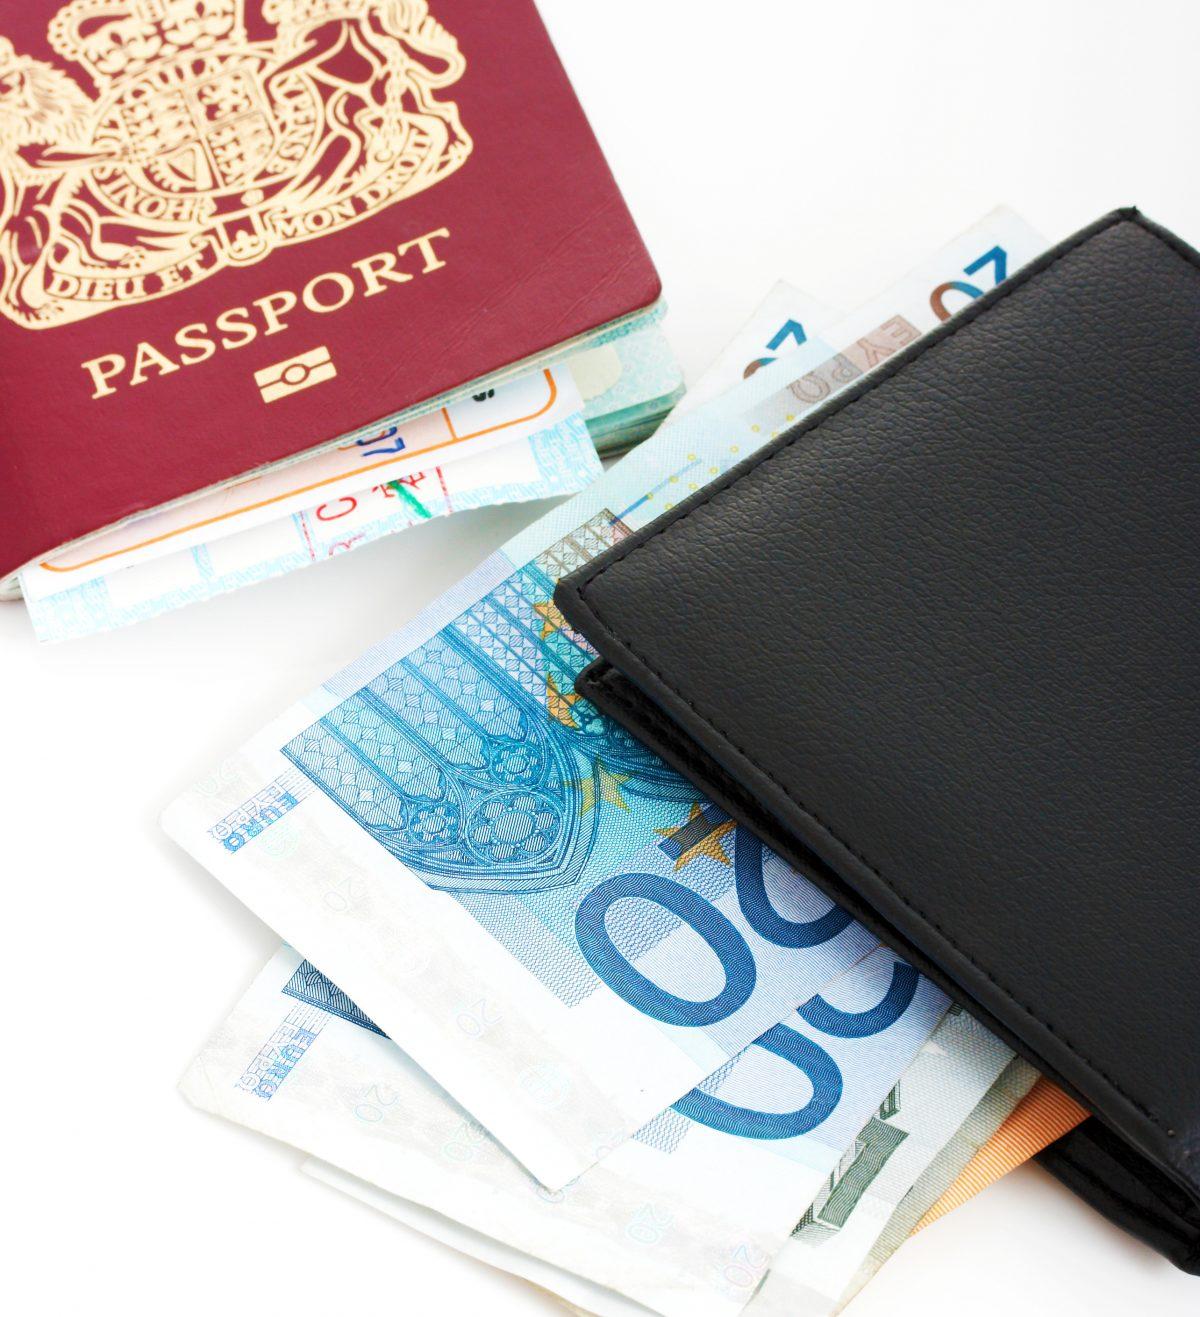 パスポートの写真はセブンイレブンでOK!?2018年夏編集